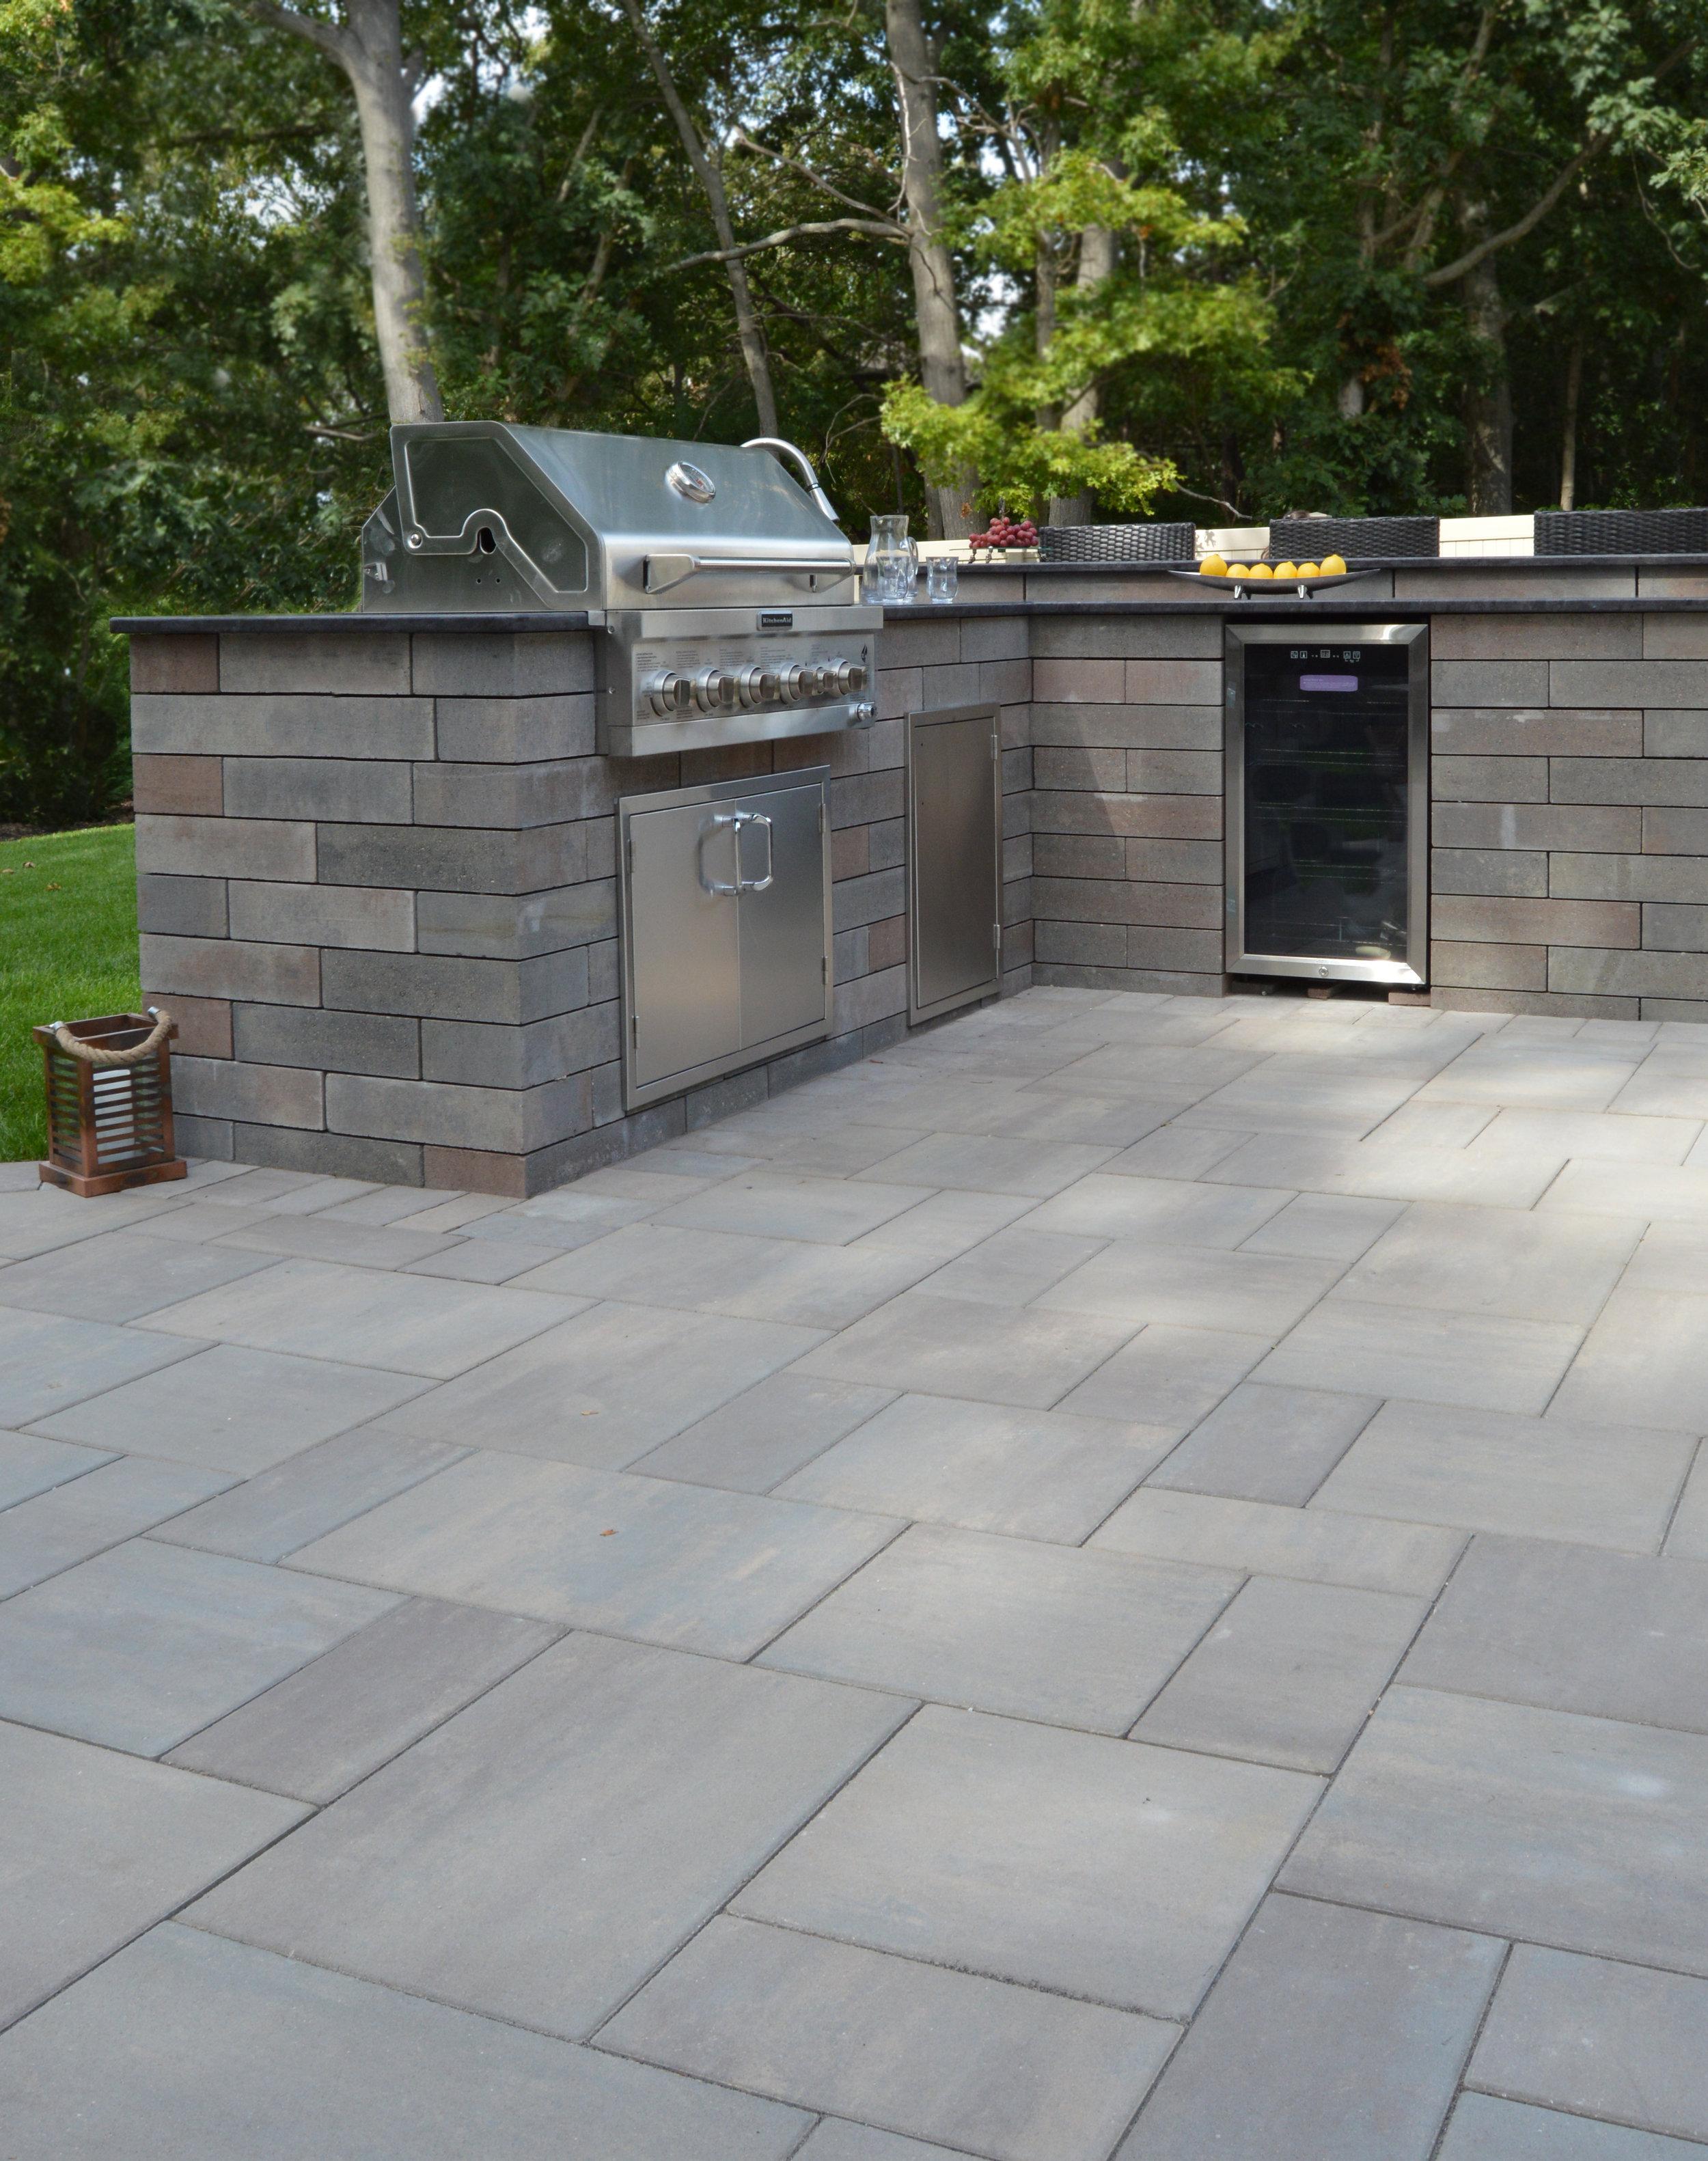 Nesconset, NY outdoor kitchen